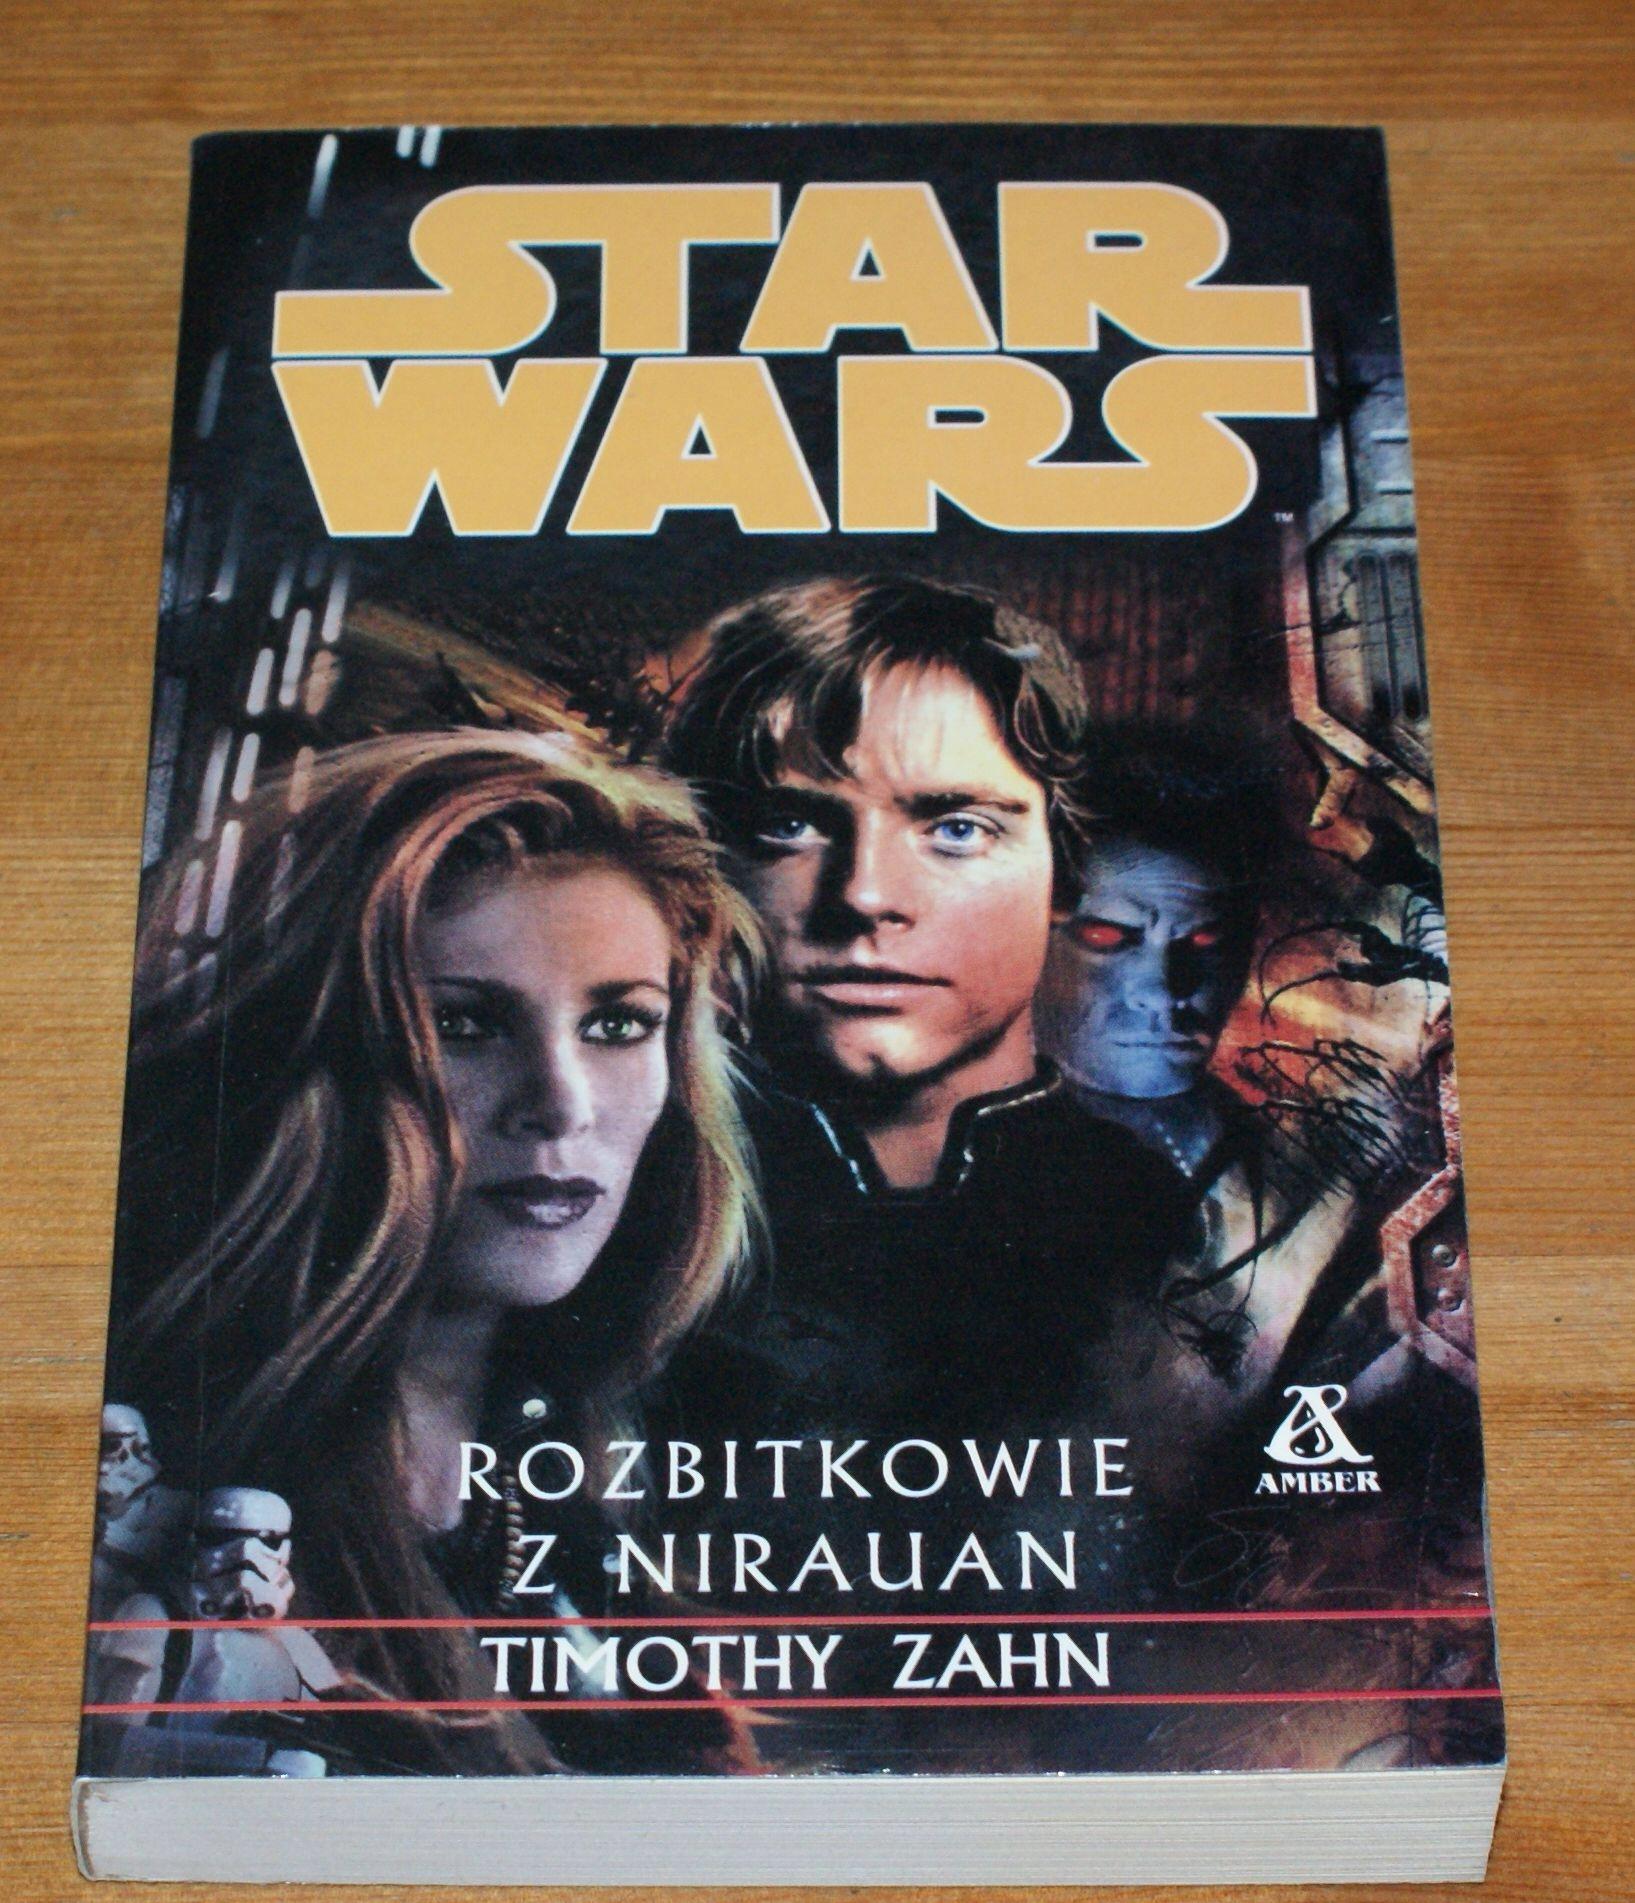 STAR WARS - ROZBITKOWIE Z NIRAUAN - Timothy Zahn